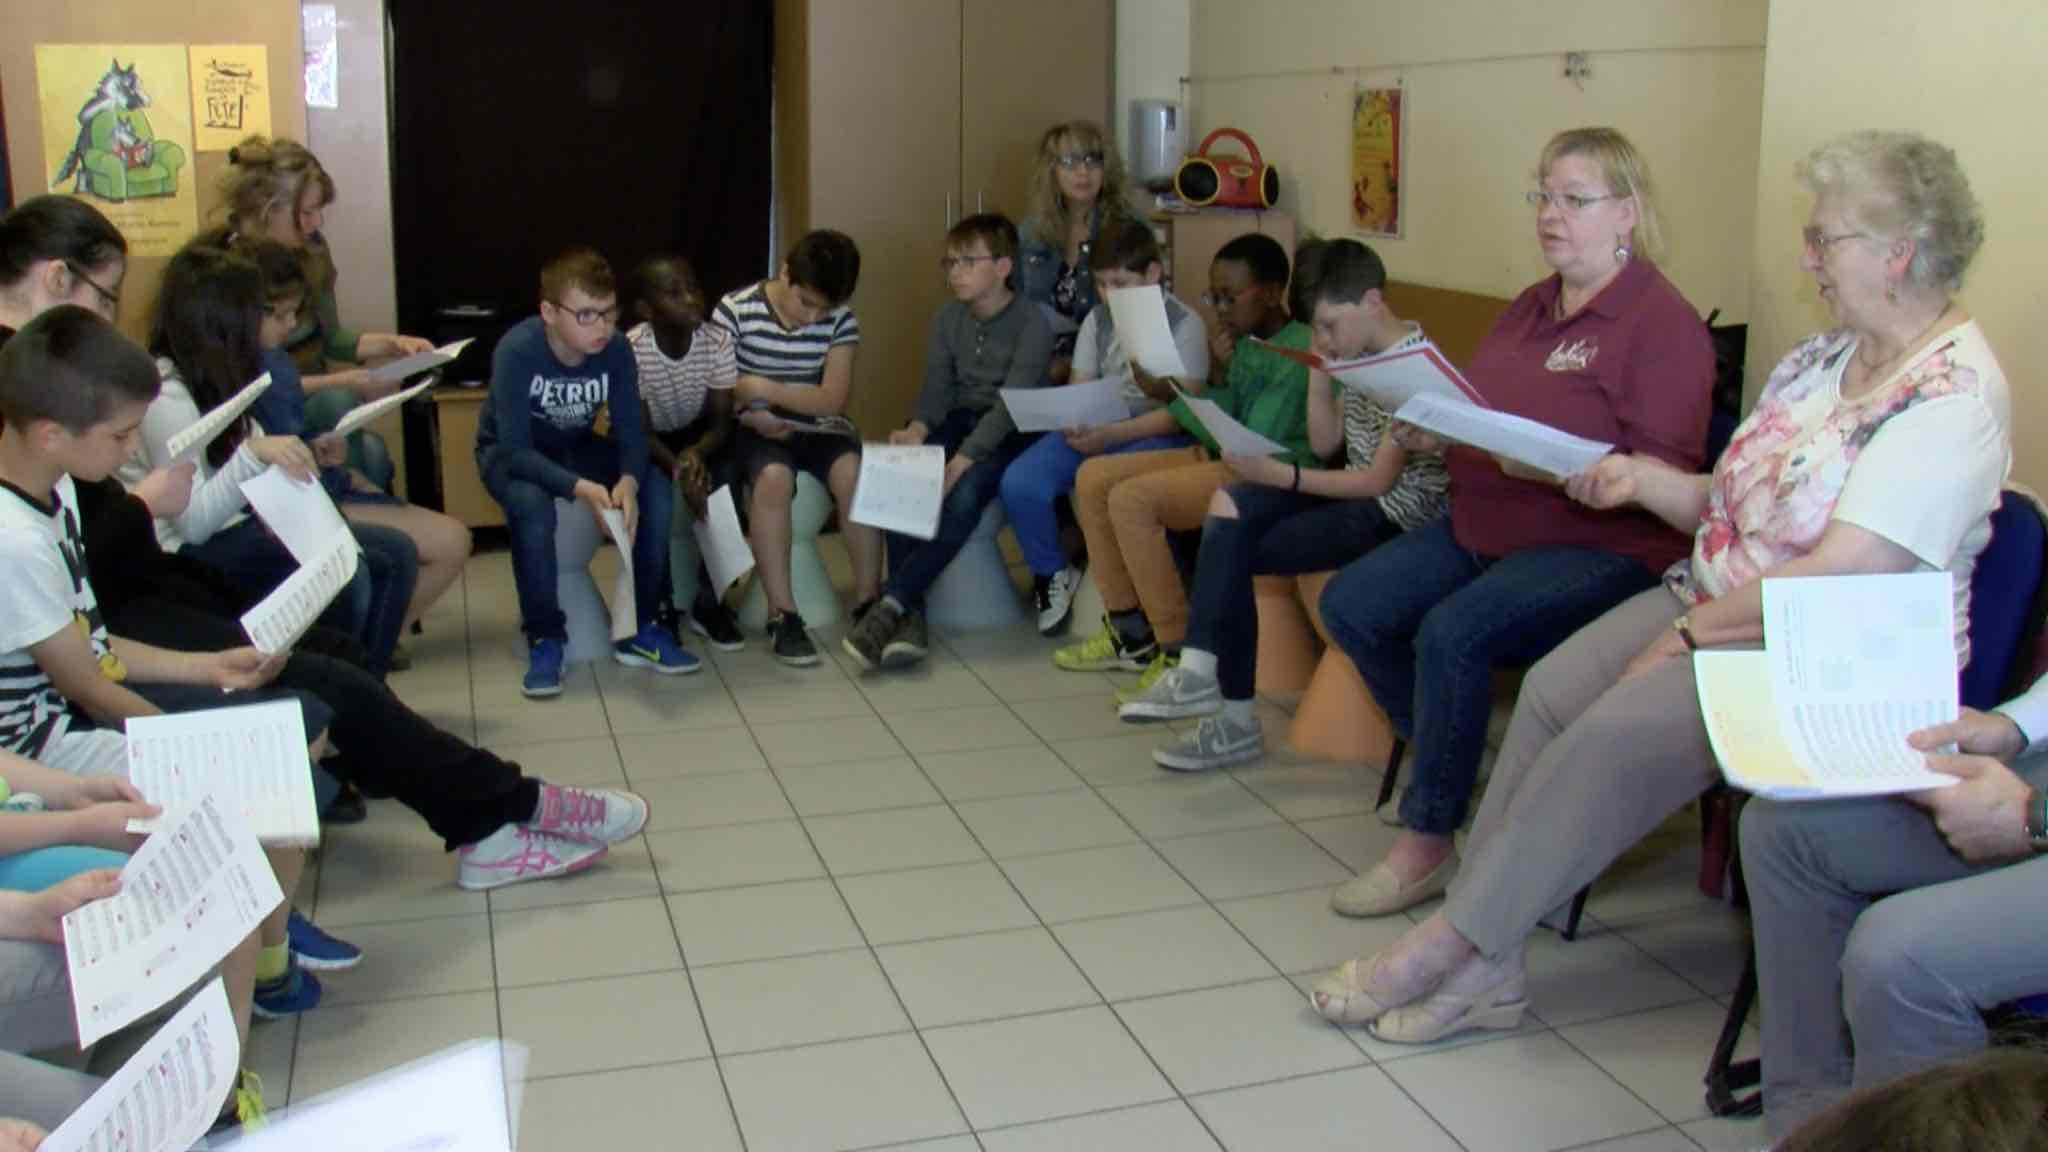 Animation scolaire dans le cadre de la fête aux langues de Wallonie